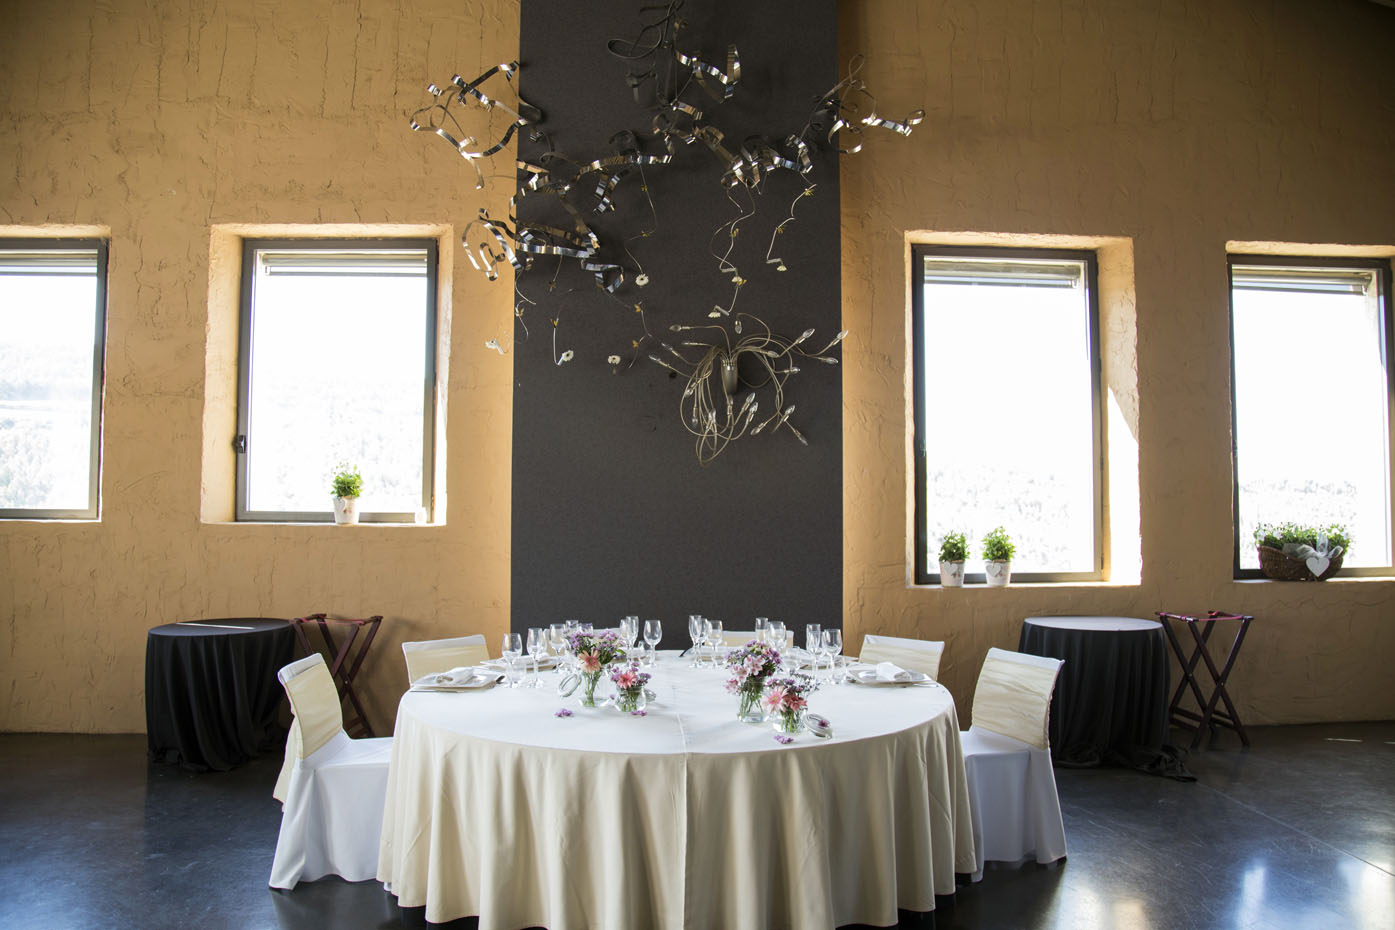 Casaments-ca-nalzina-espai-gastronomia12